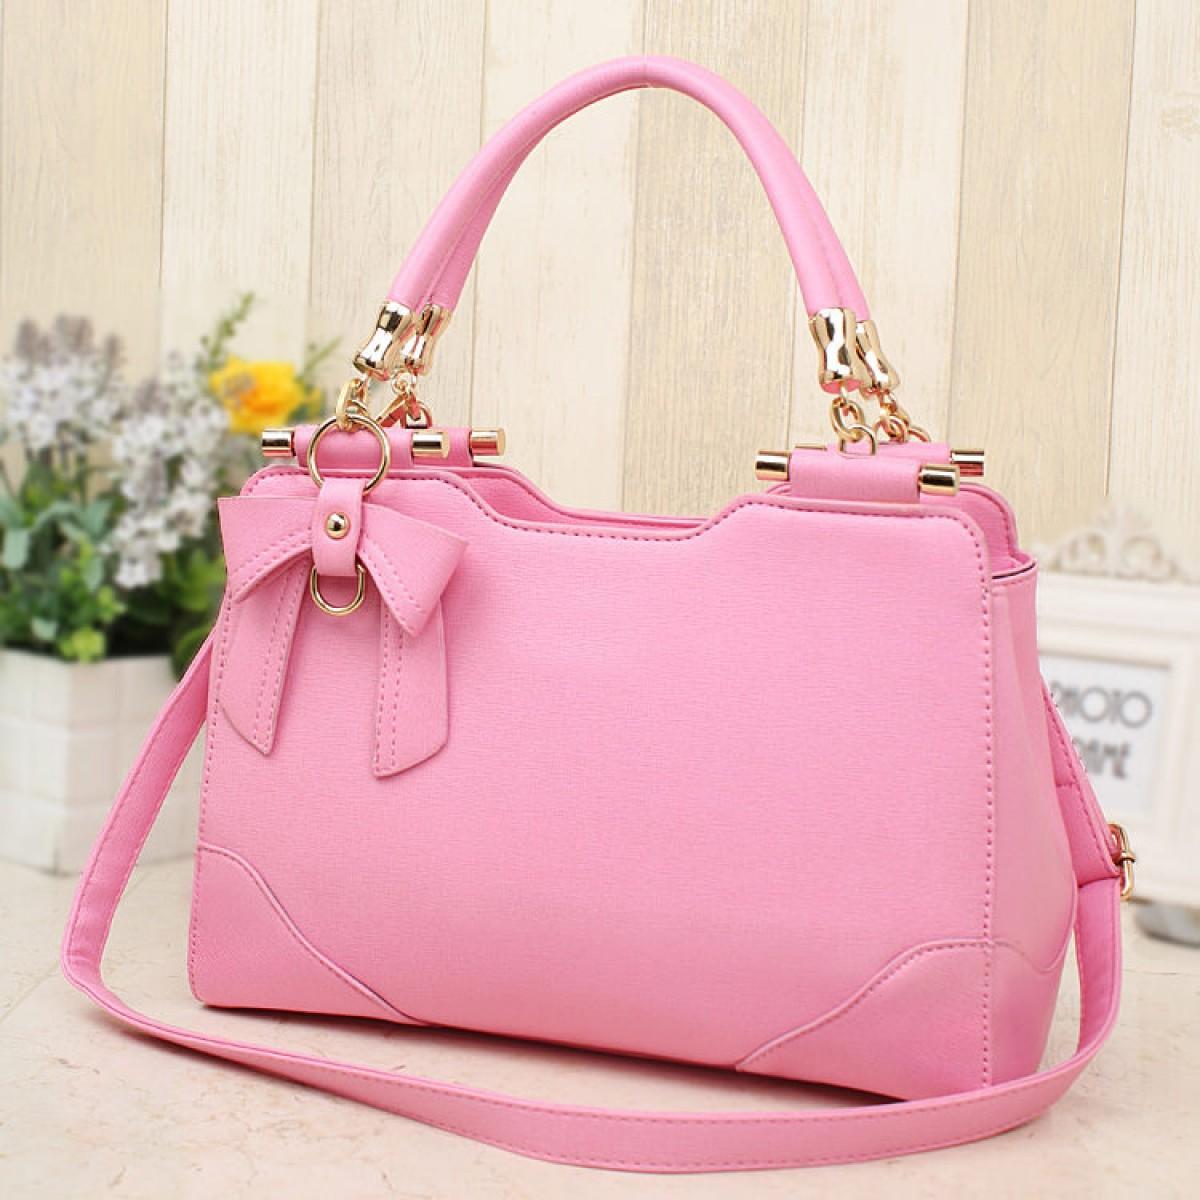 diskusi produk p5191 tas jinjing handbag slingbag wanita pink hitam elegan impor batam import bags tokopedia